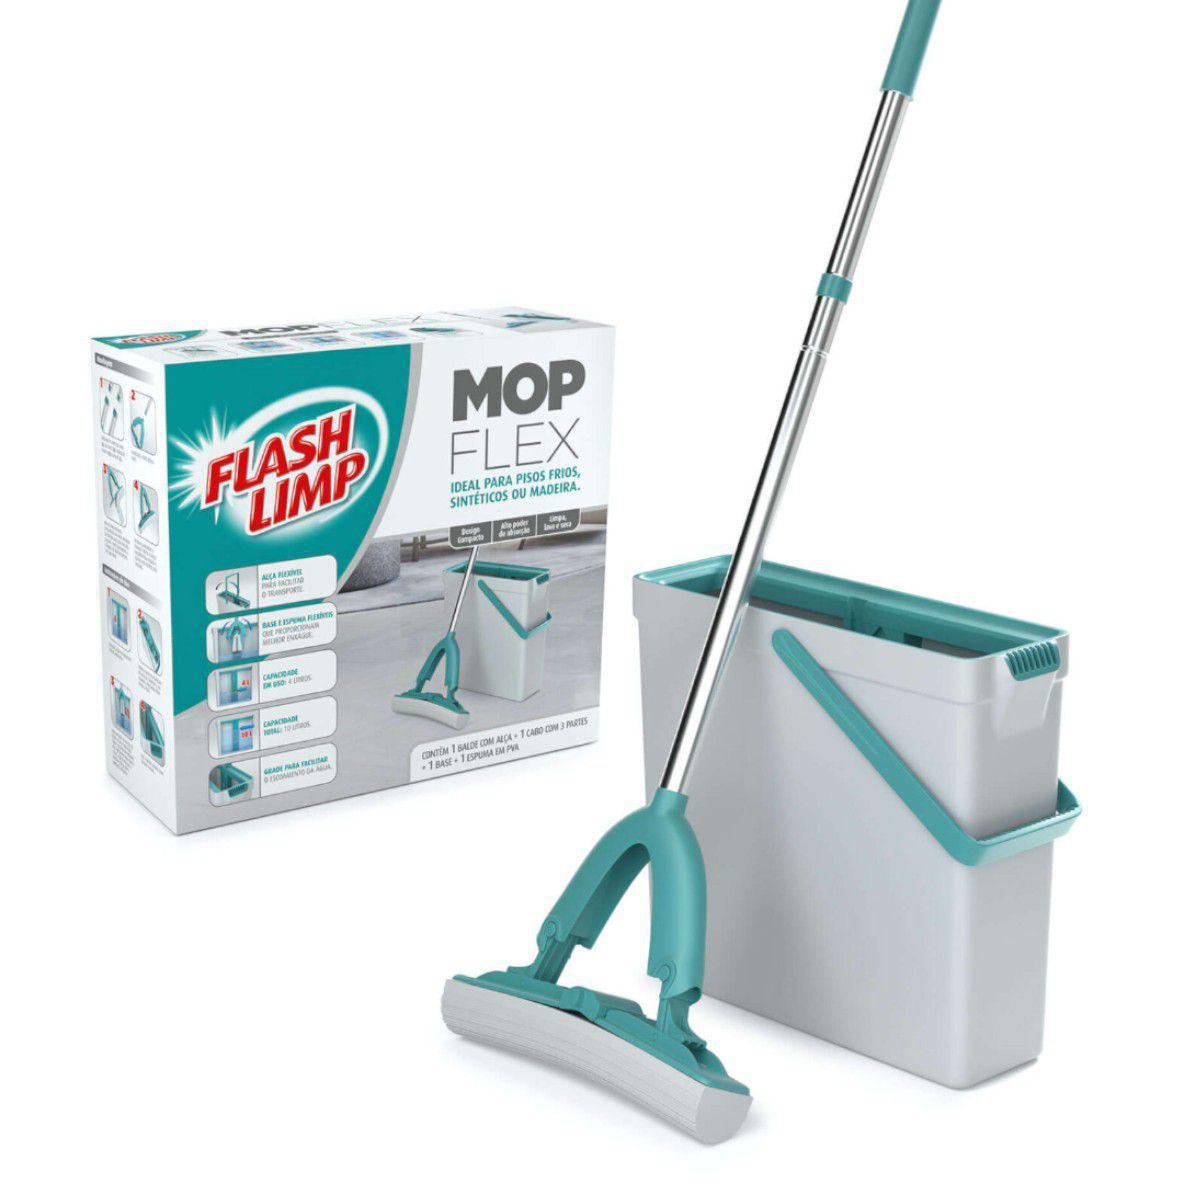 Mop Flex FlashLimp com Balde Espremedor 10L